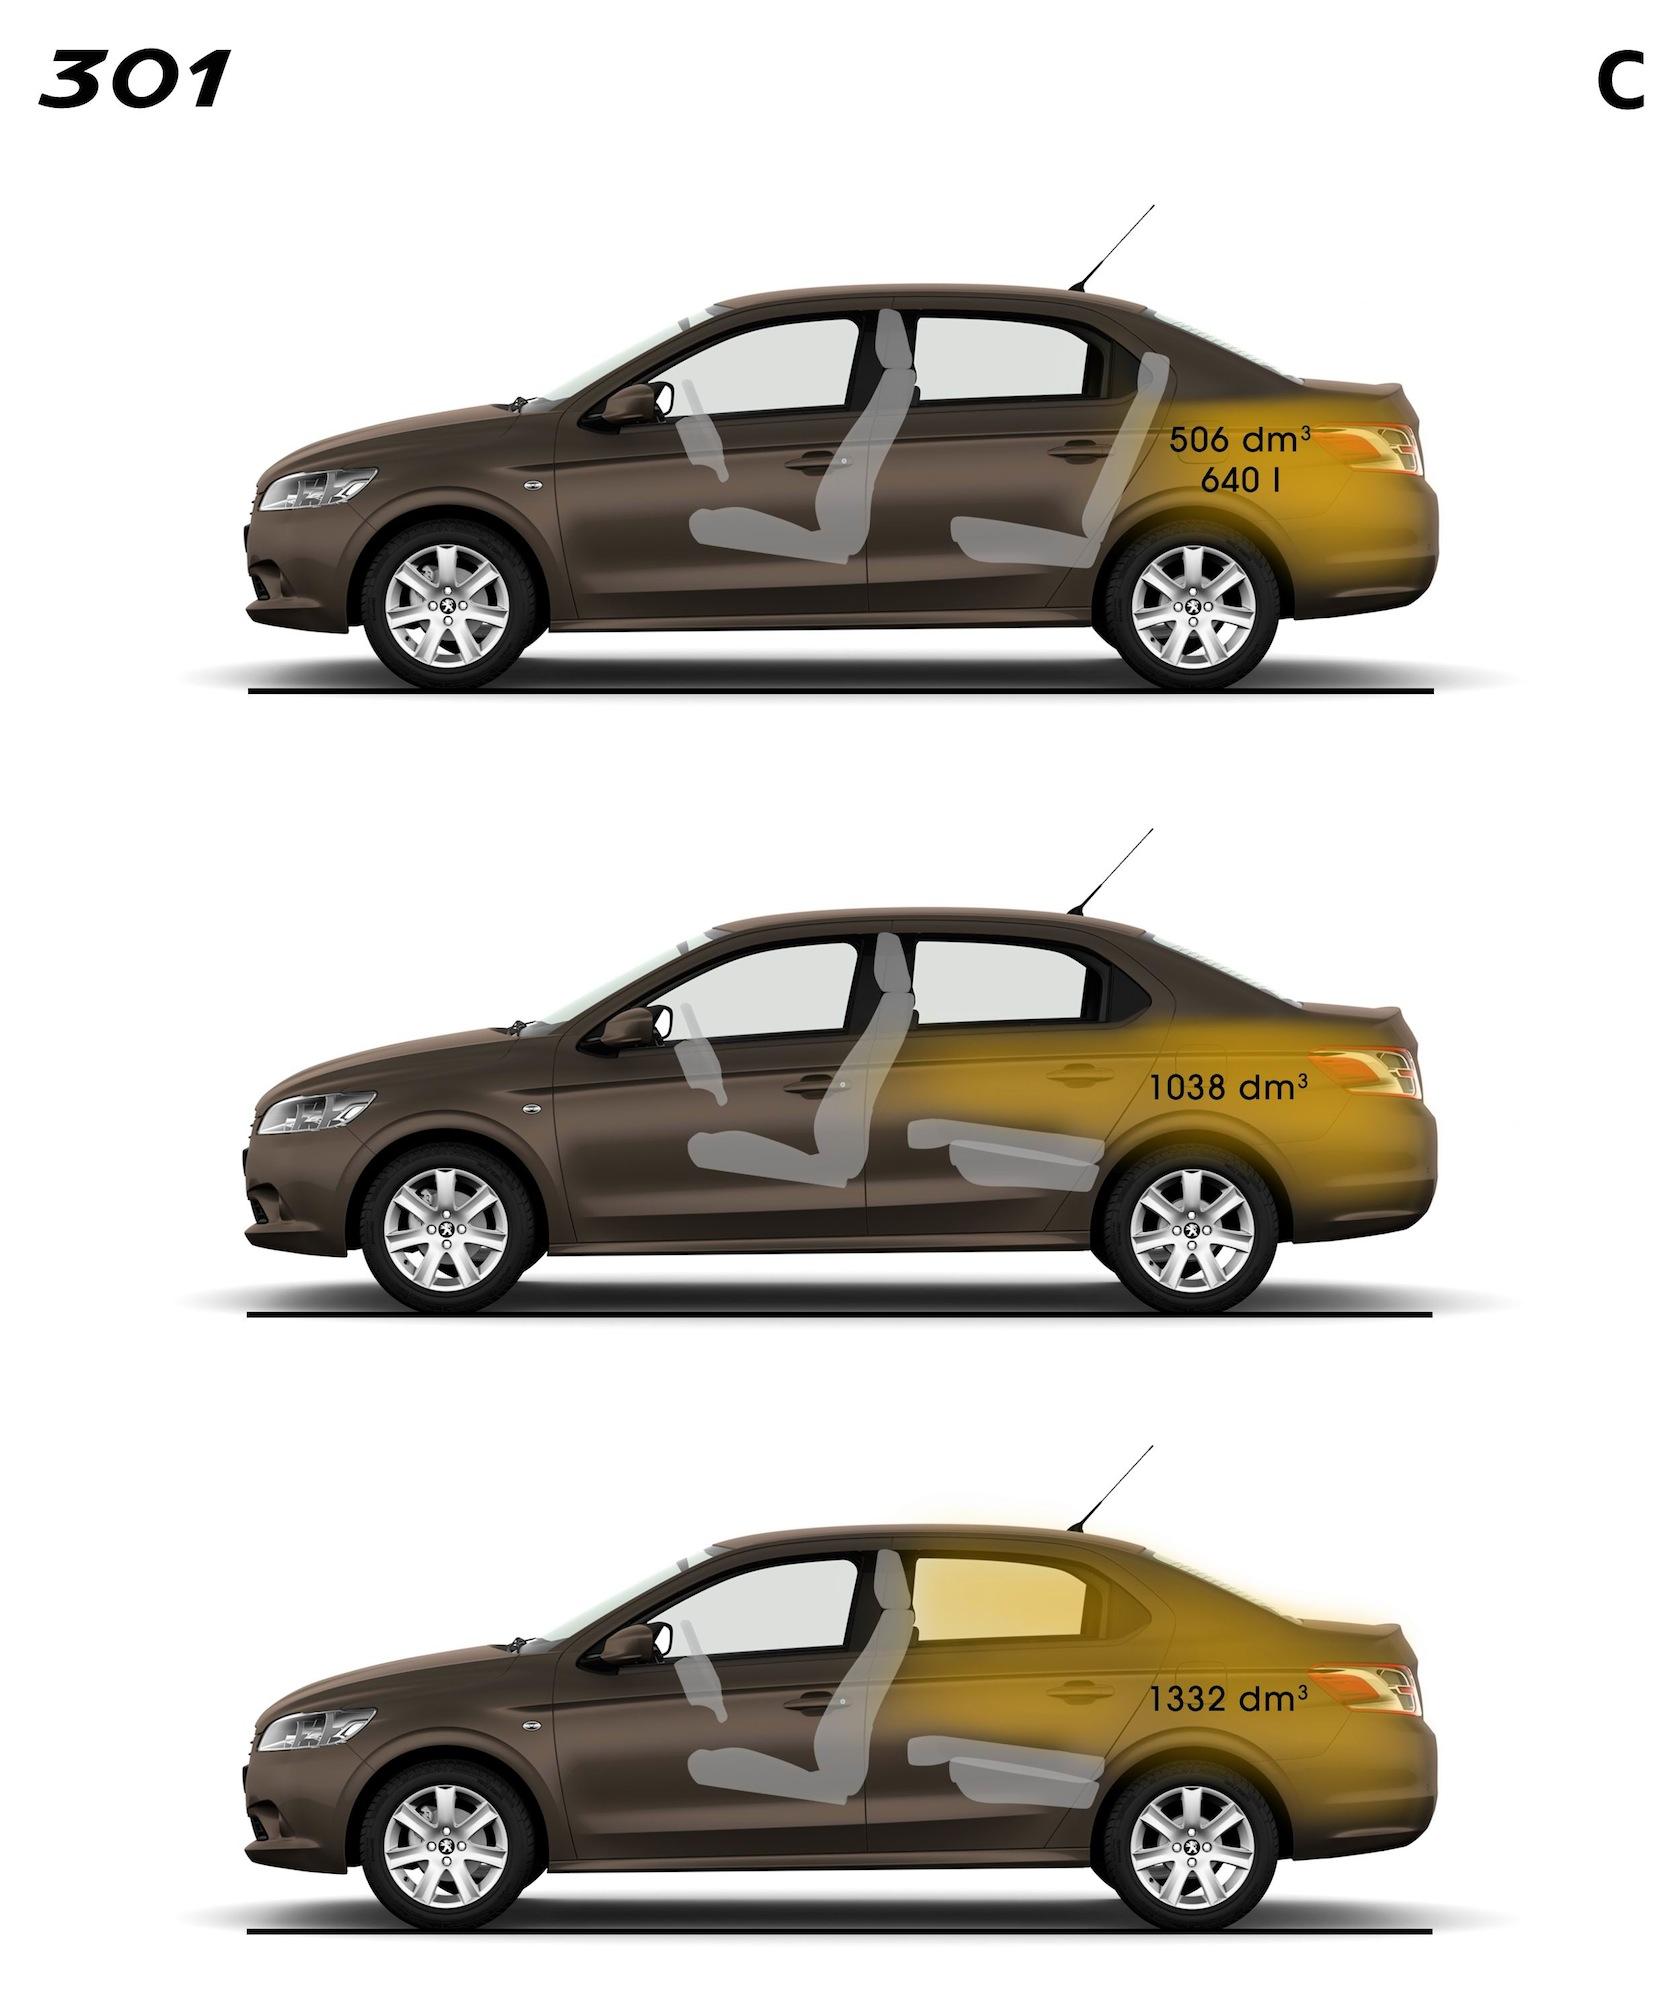 Peugeot 108 1 0 72 Allure 5dr Hatchback: Prix Peugeot 301 1.2 L Access